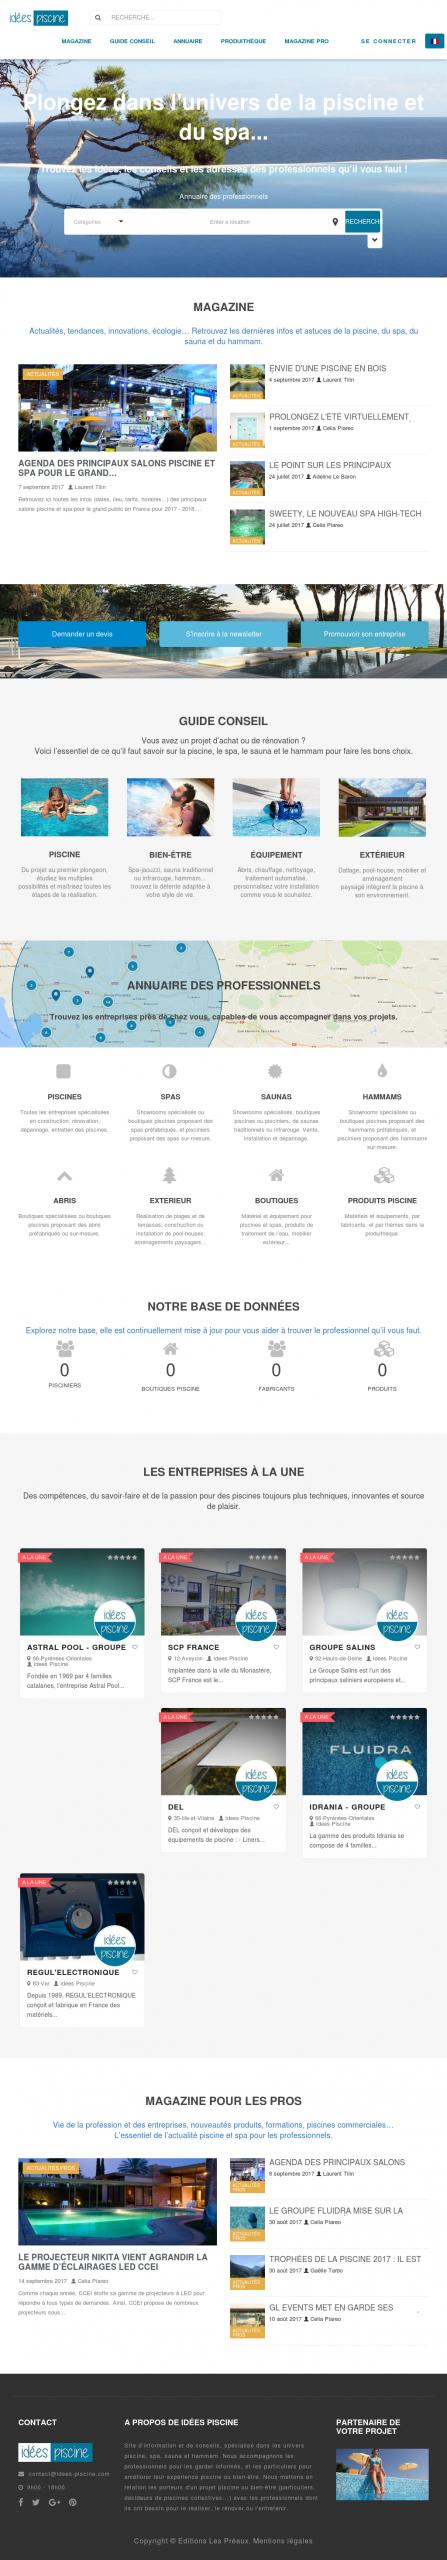 L'annuaire De La Piscine Competitors, Revenue And Employees ... destiné Salon De La Piscine 2017